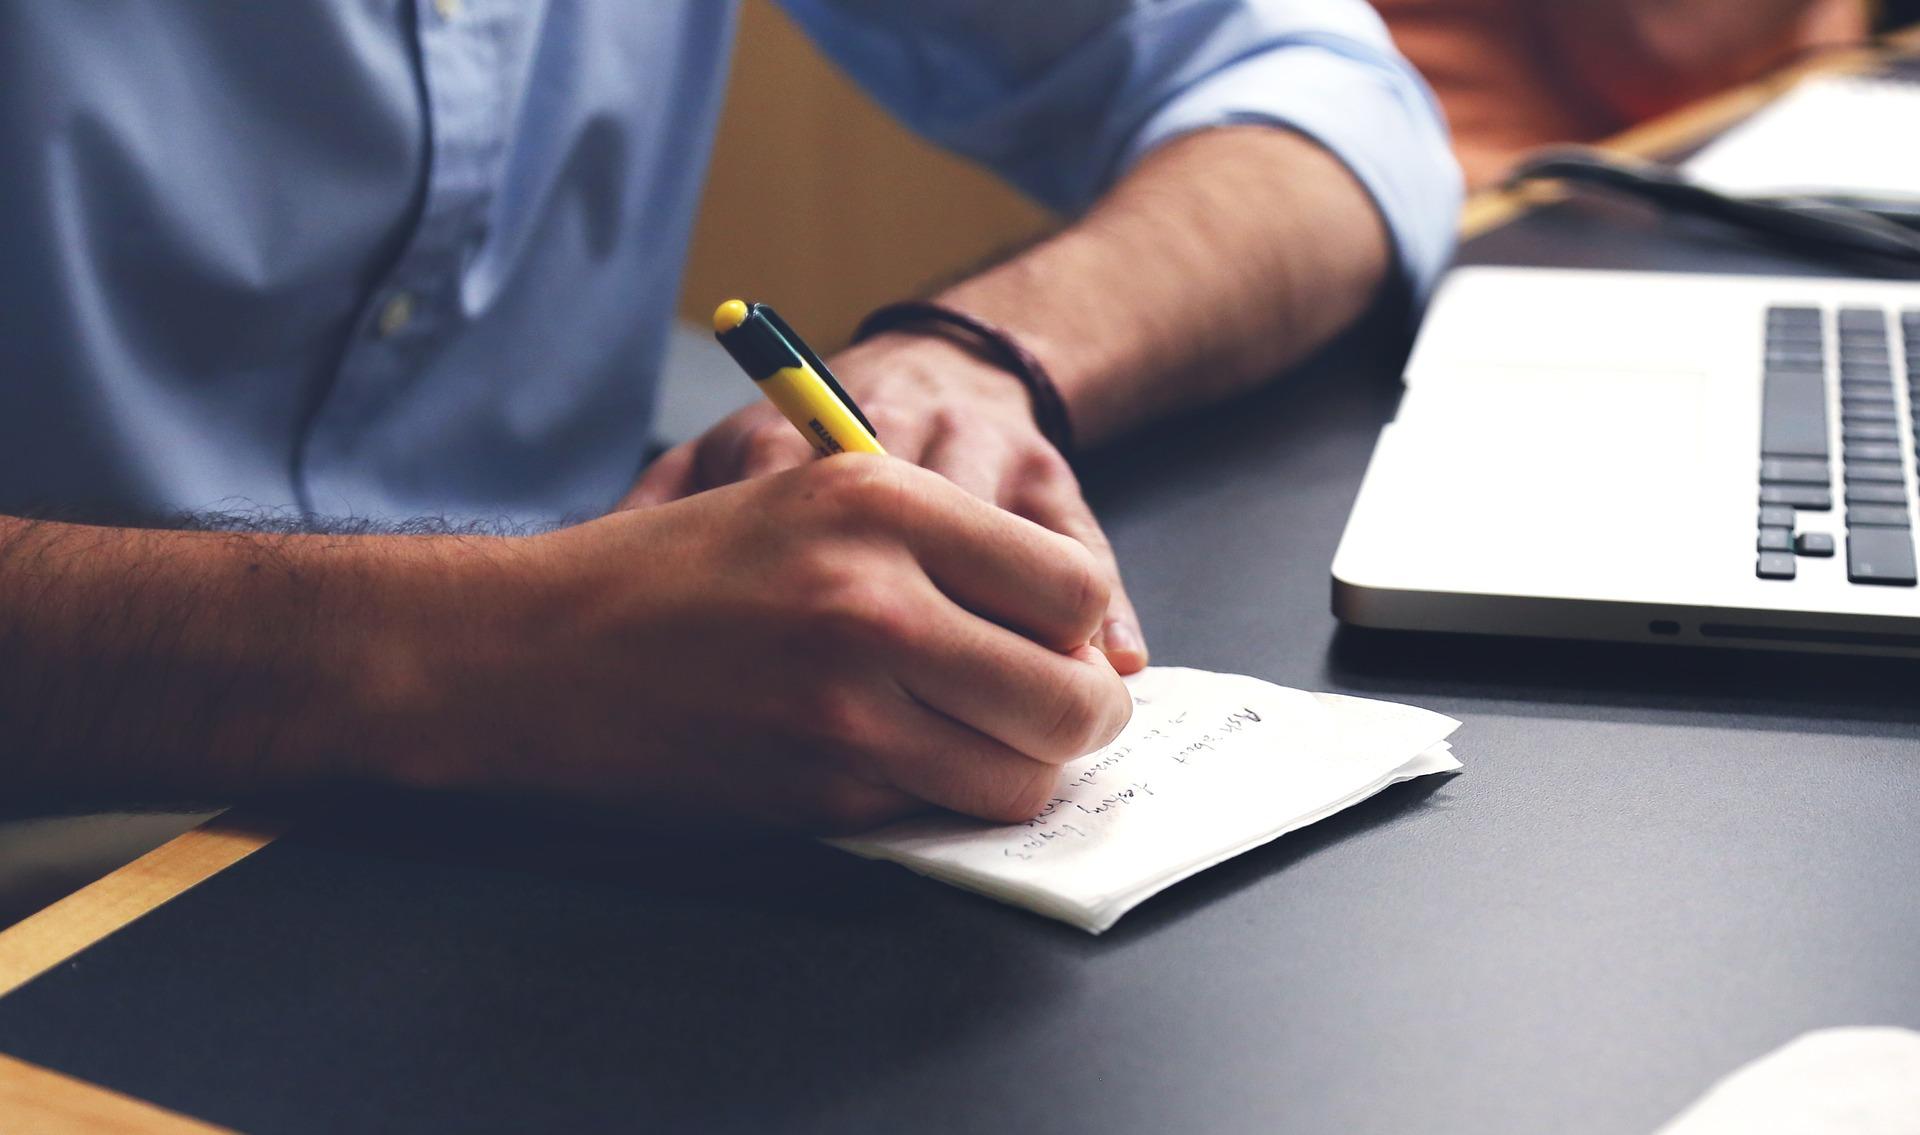 Usuario calcula en Kelisto los gastos de la ampliación de su hipoteca